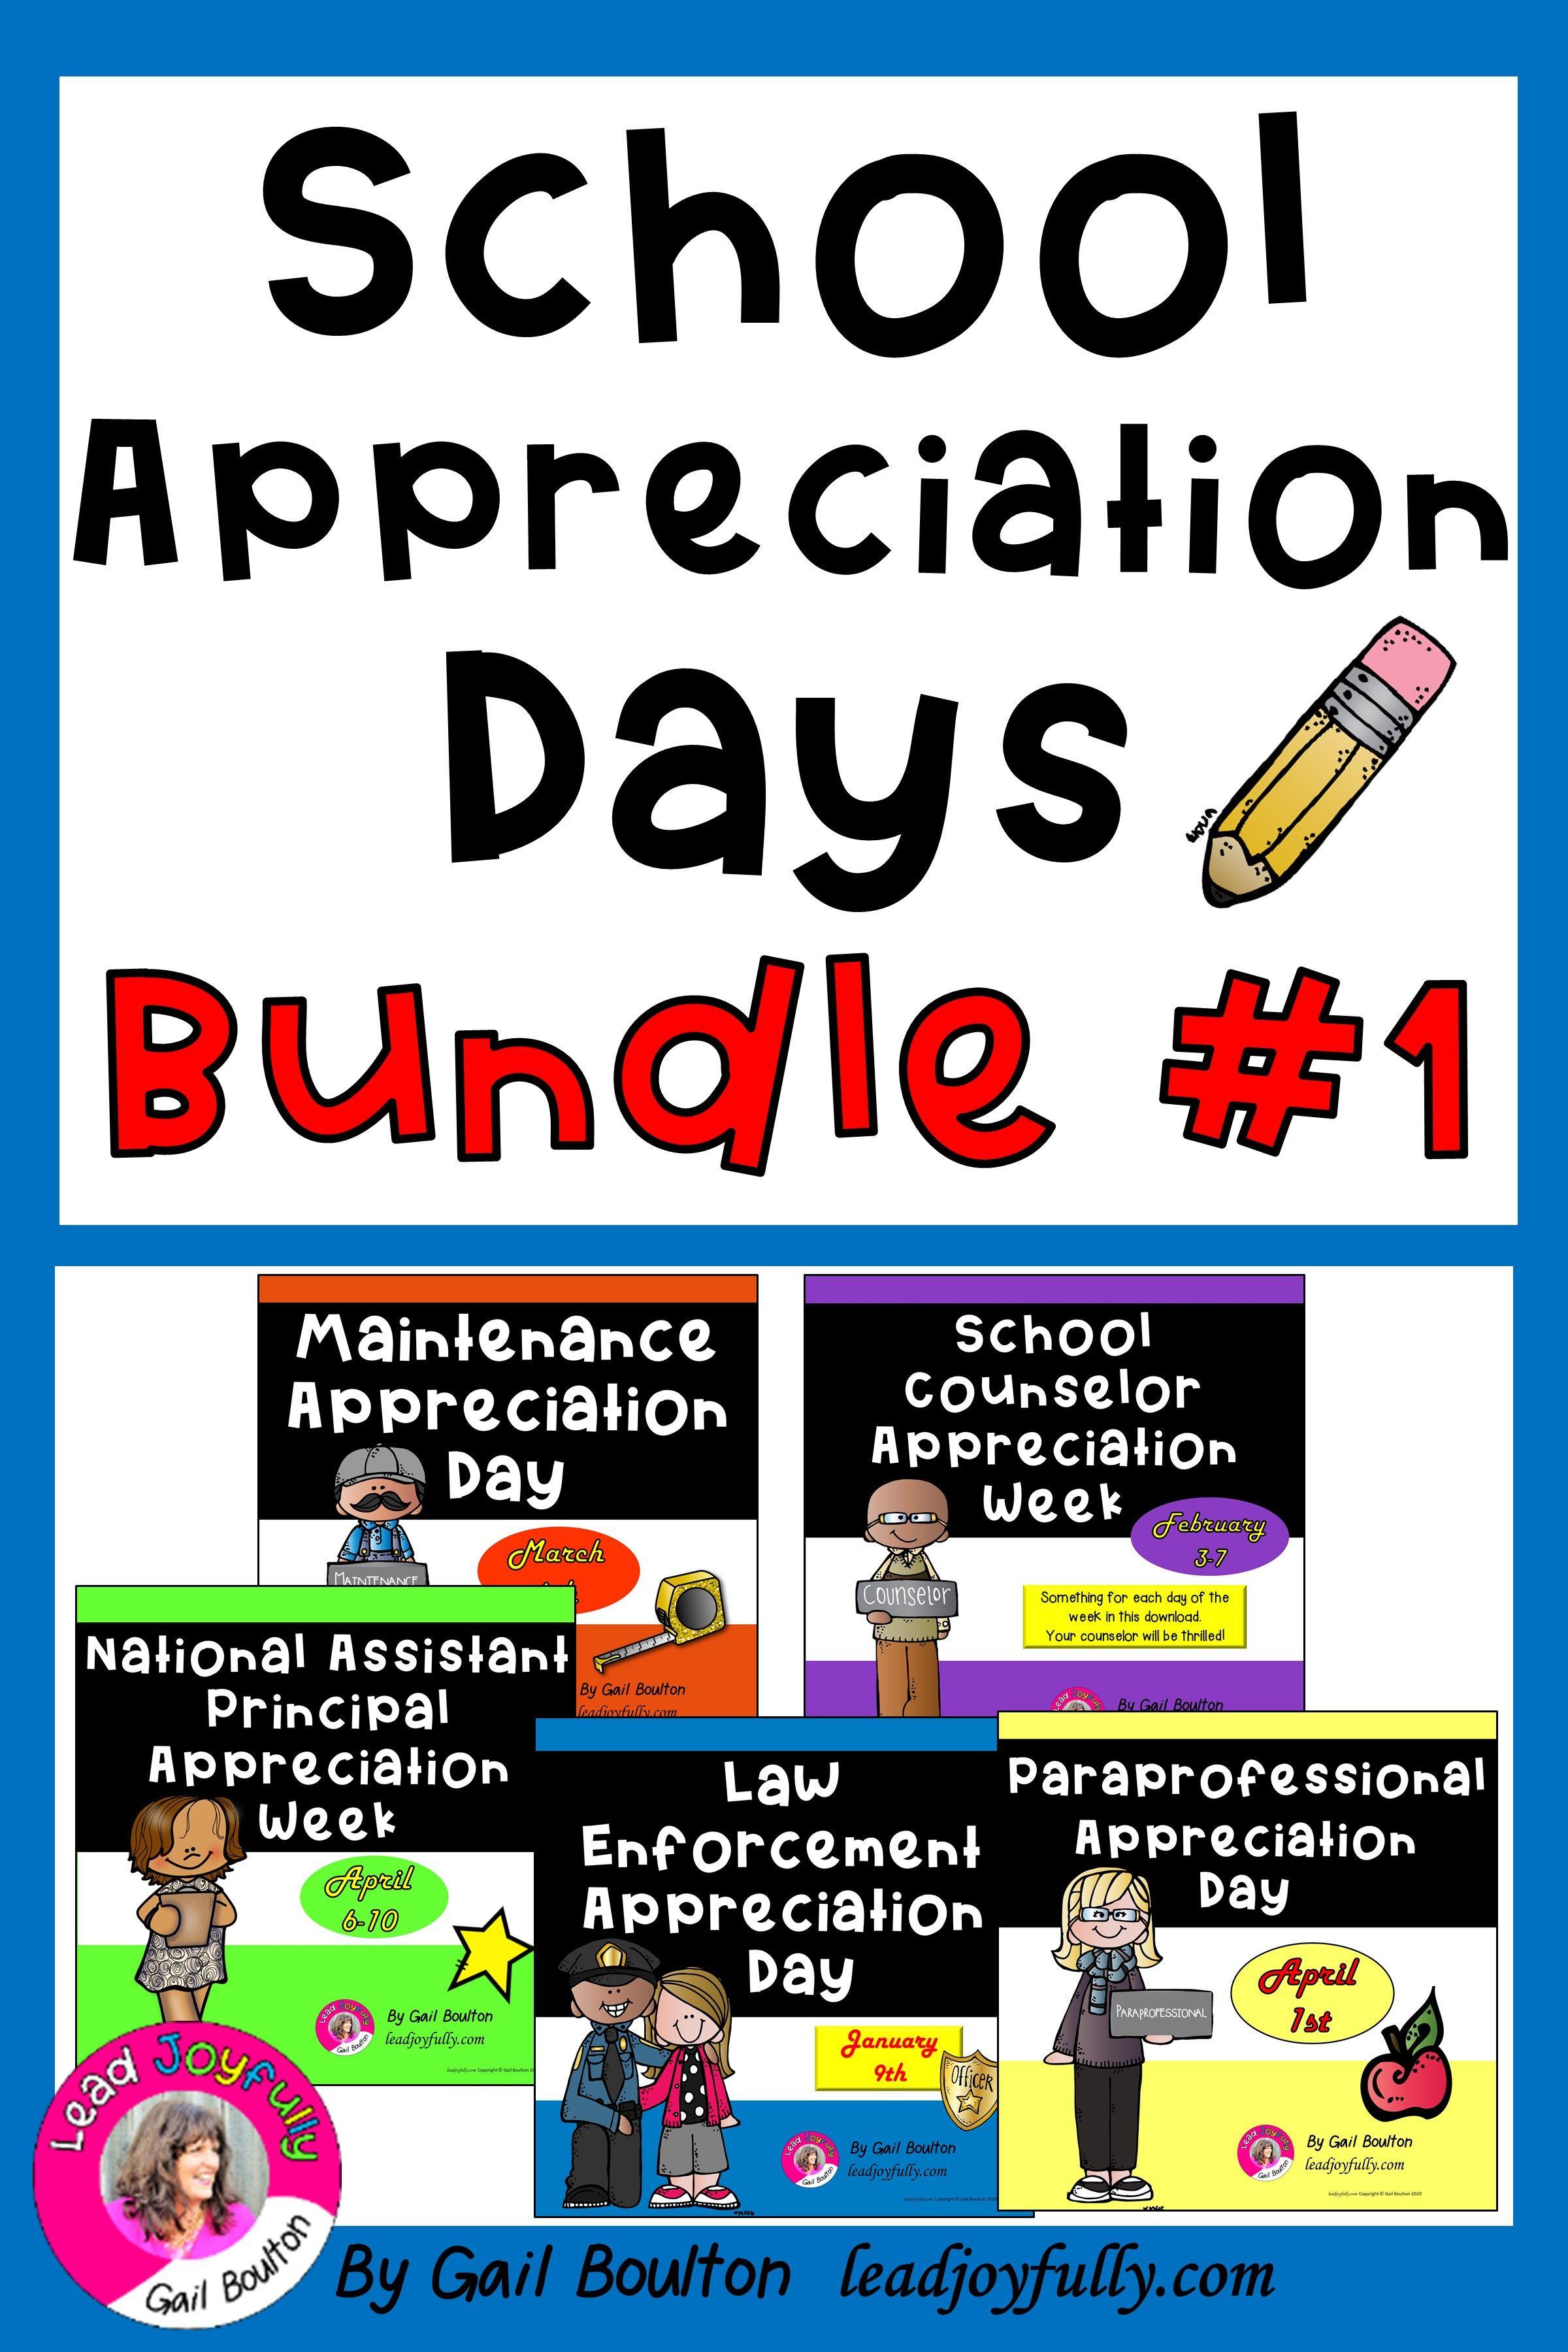 School Appreciation Days BUNDLE #1